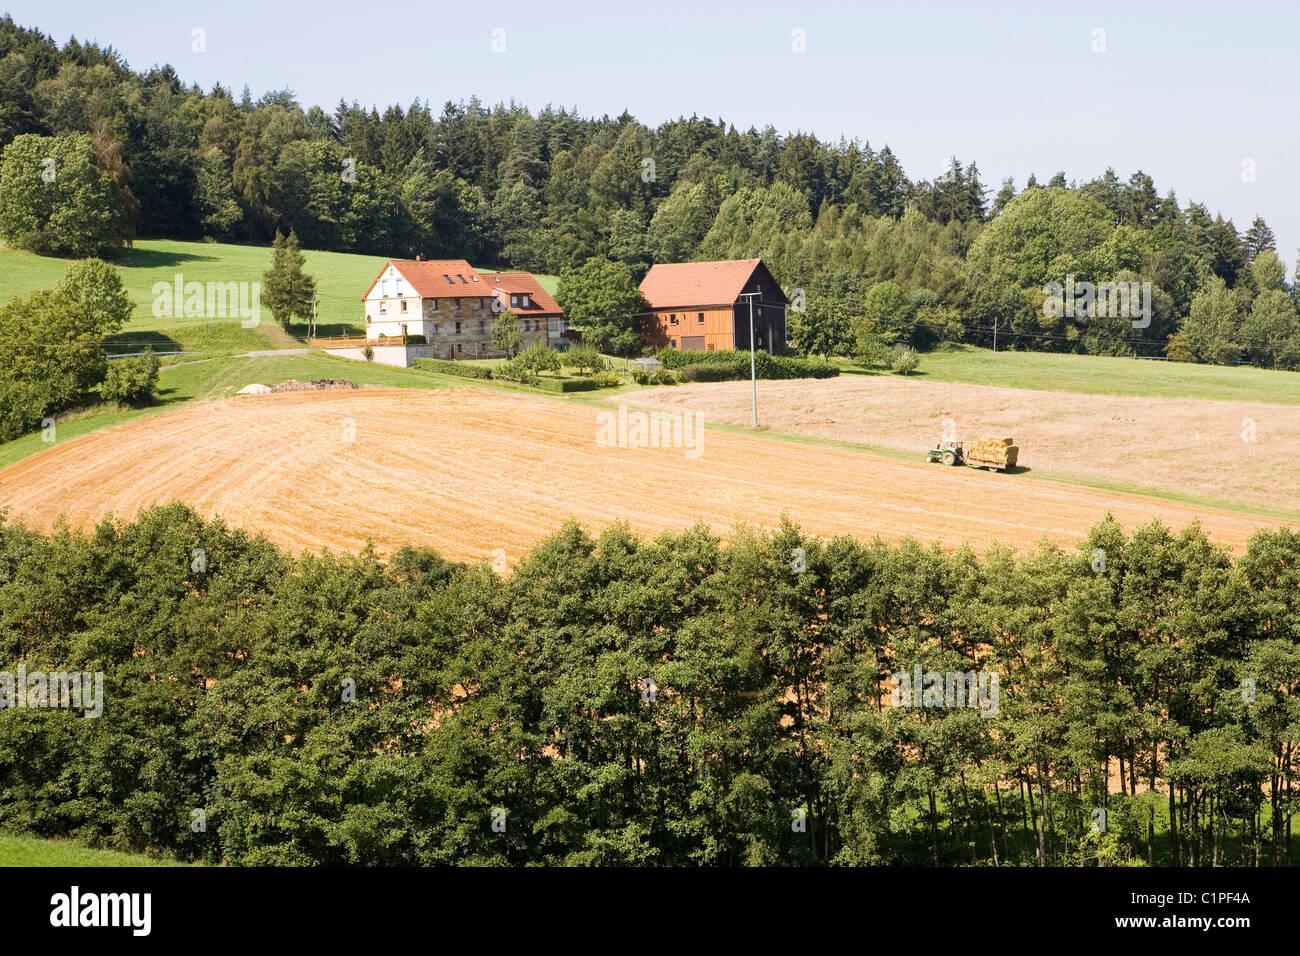 In Germania, in Baviera, Bayreuth, azienda agricola e campo di raccolto Immagini Stock